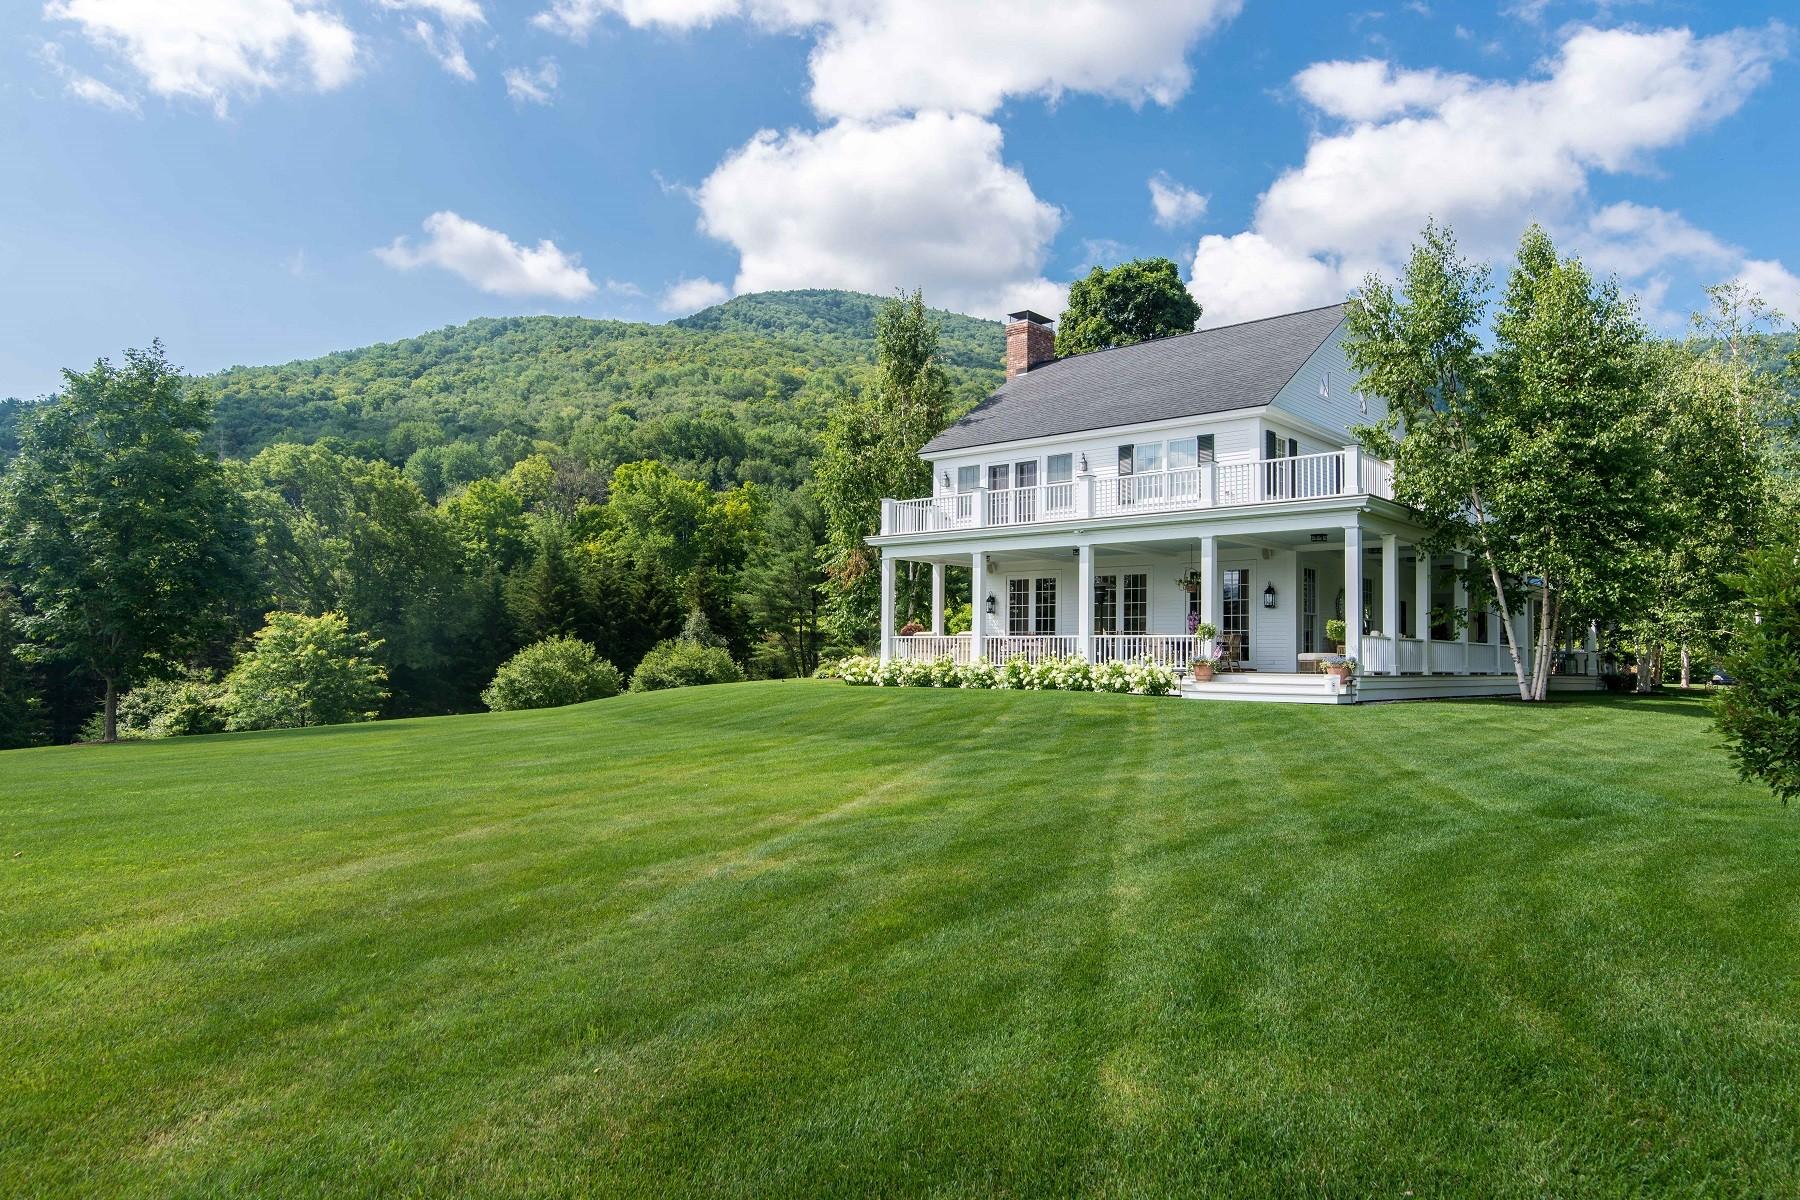 Villa per Vendita alle ore High View 1150 114 Nichols Hill Rd Dorset, Vermont 05251 Stati Uniti